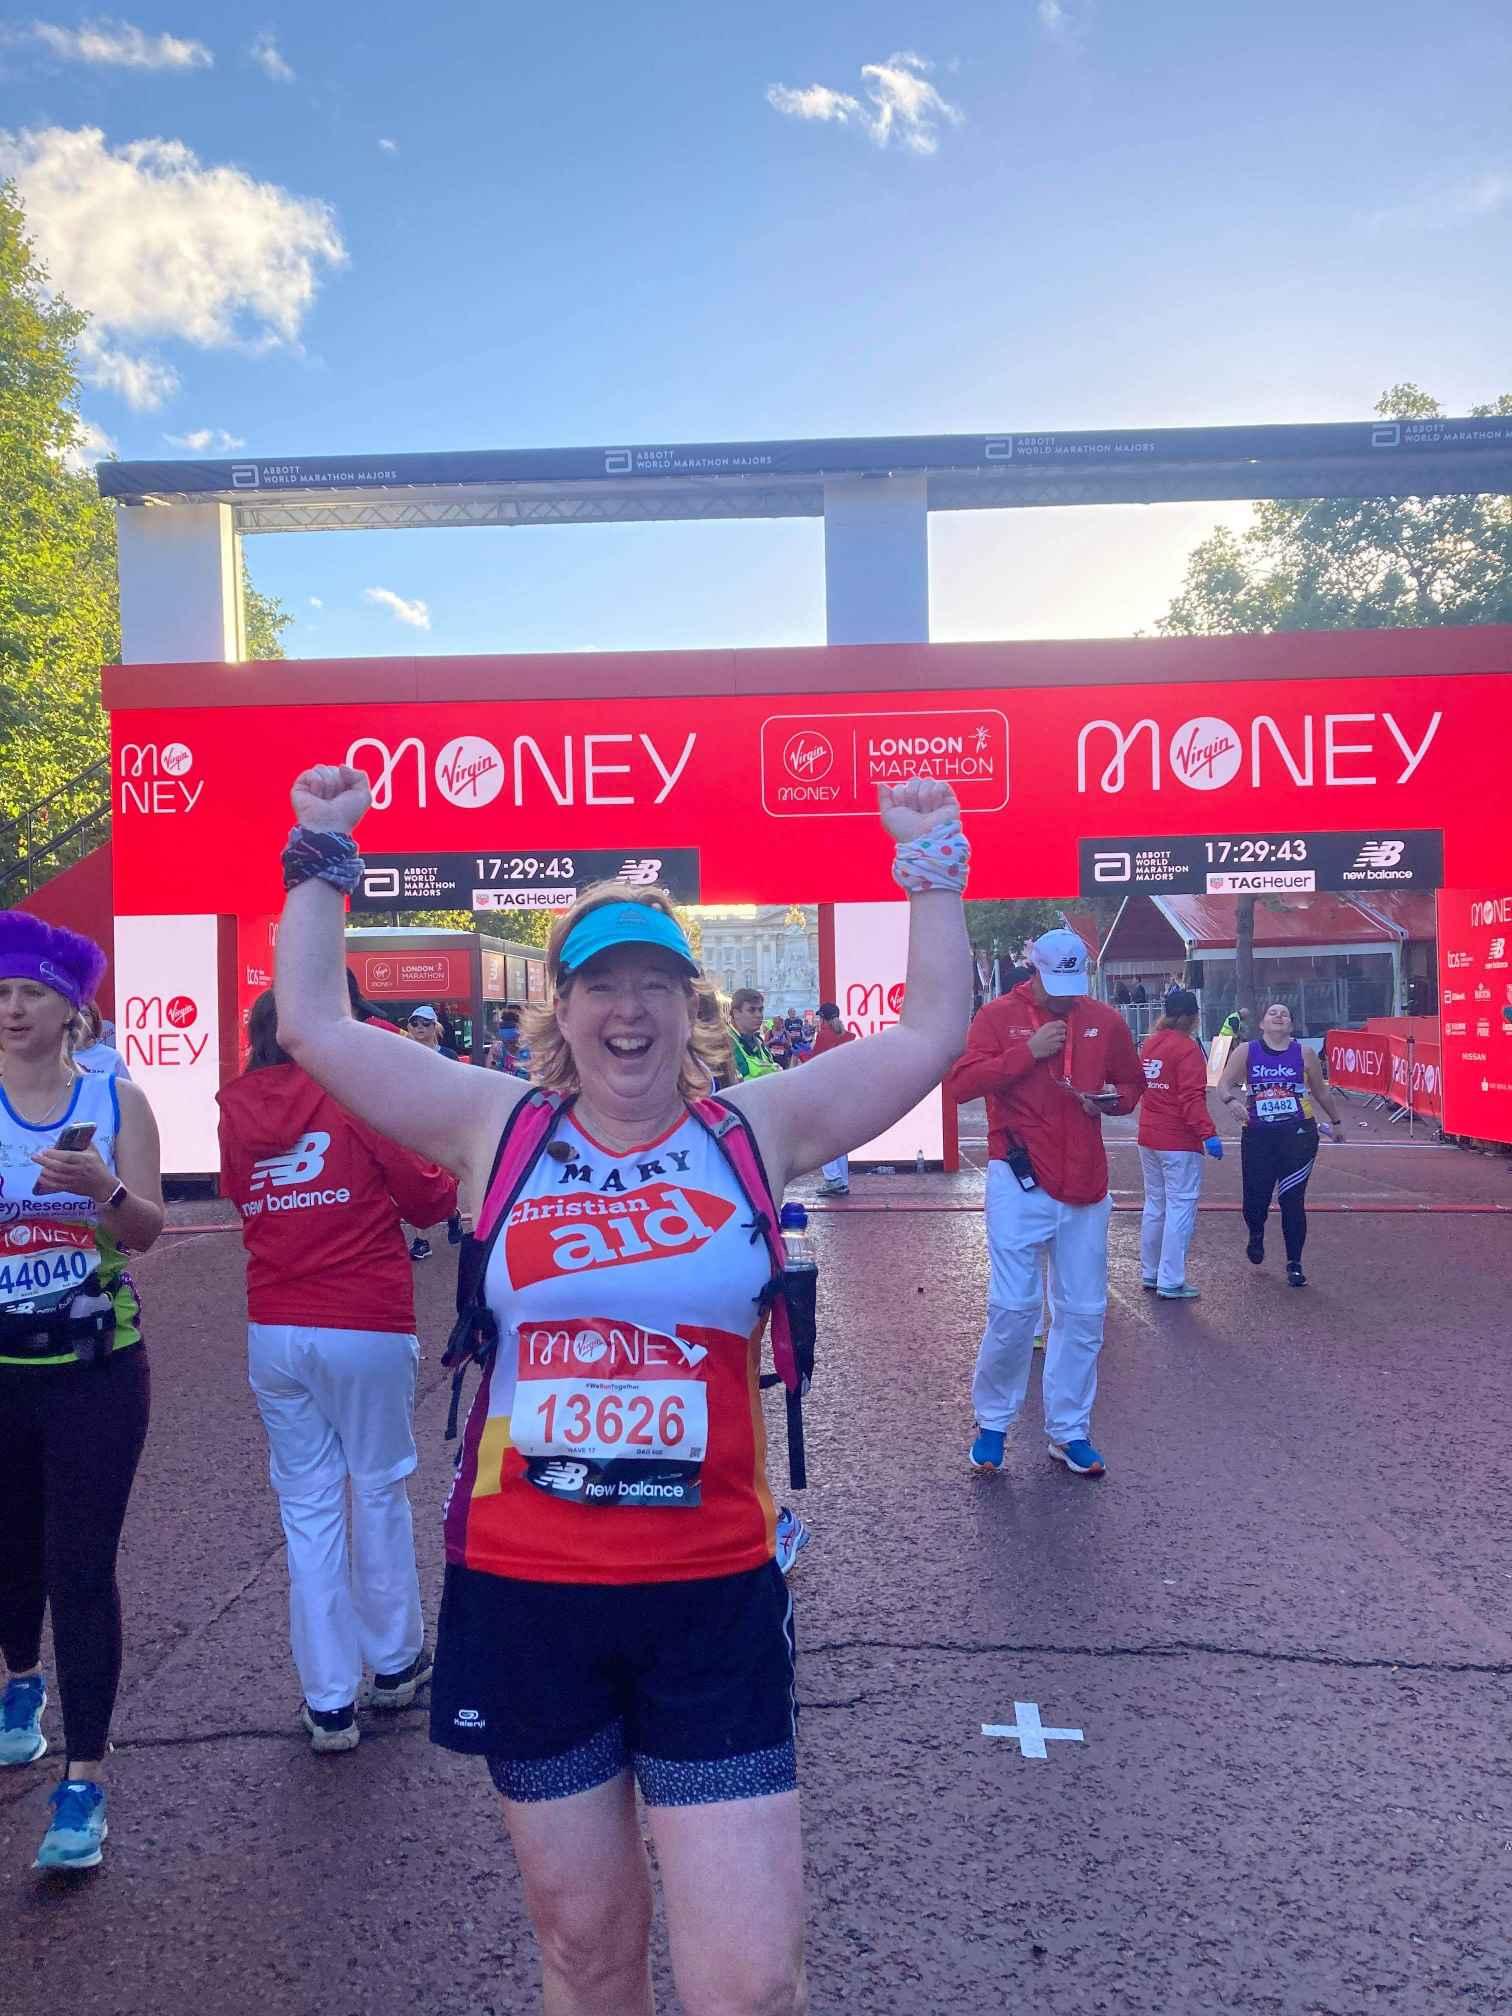 Mary London finish